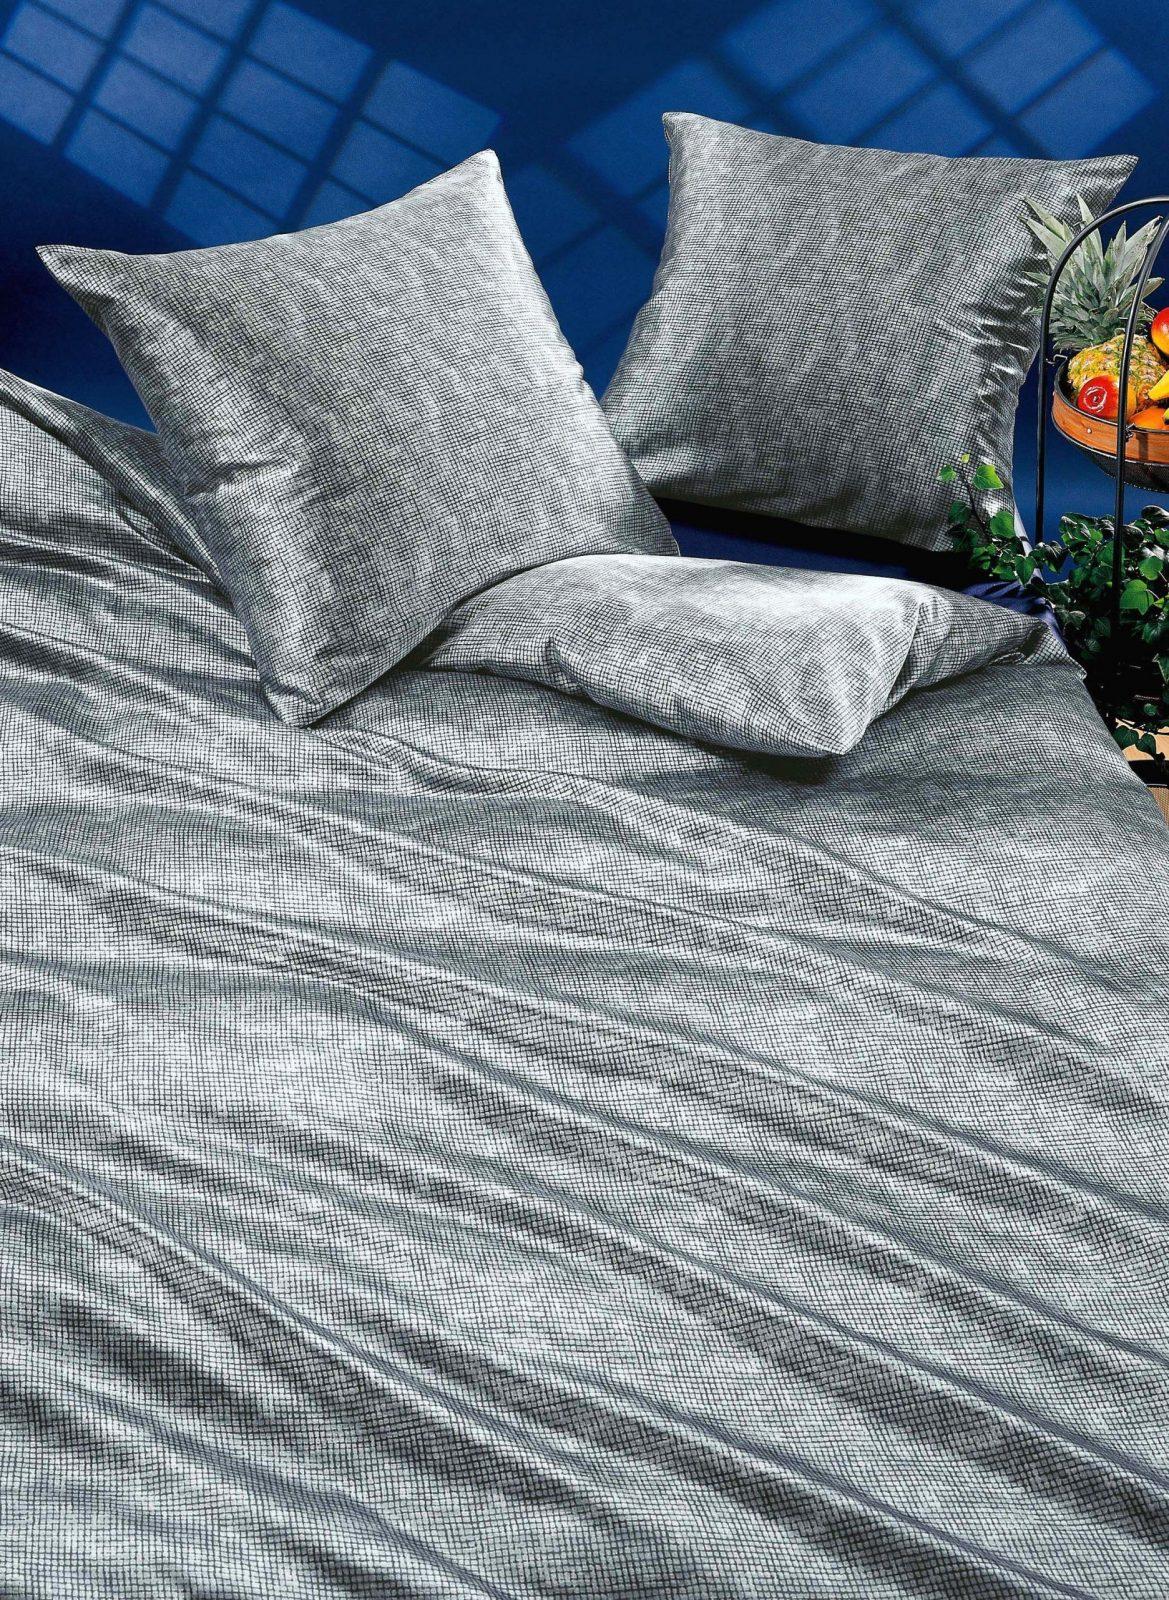 Unglaubliche Inspiration Hochglanz Satin Bettwäsche Und Sehr Gute von Hochglanz Satin Bettwäsche Photo